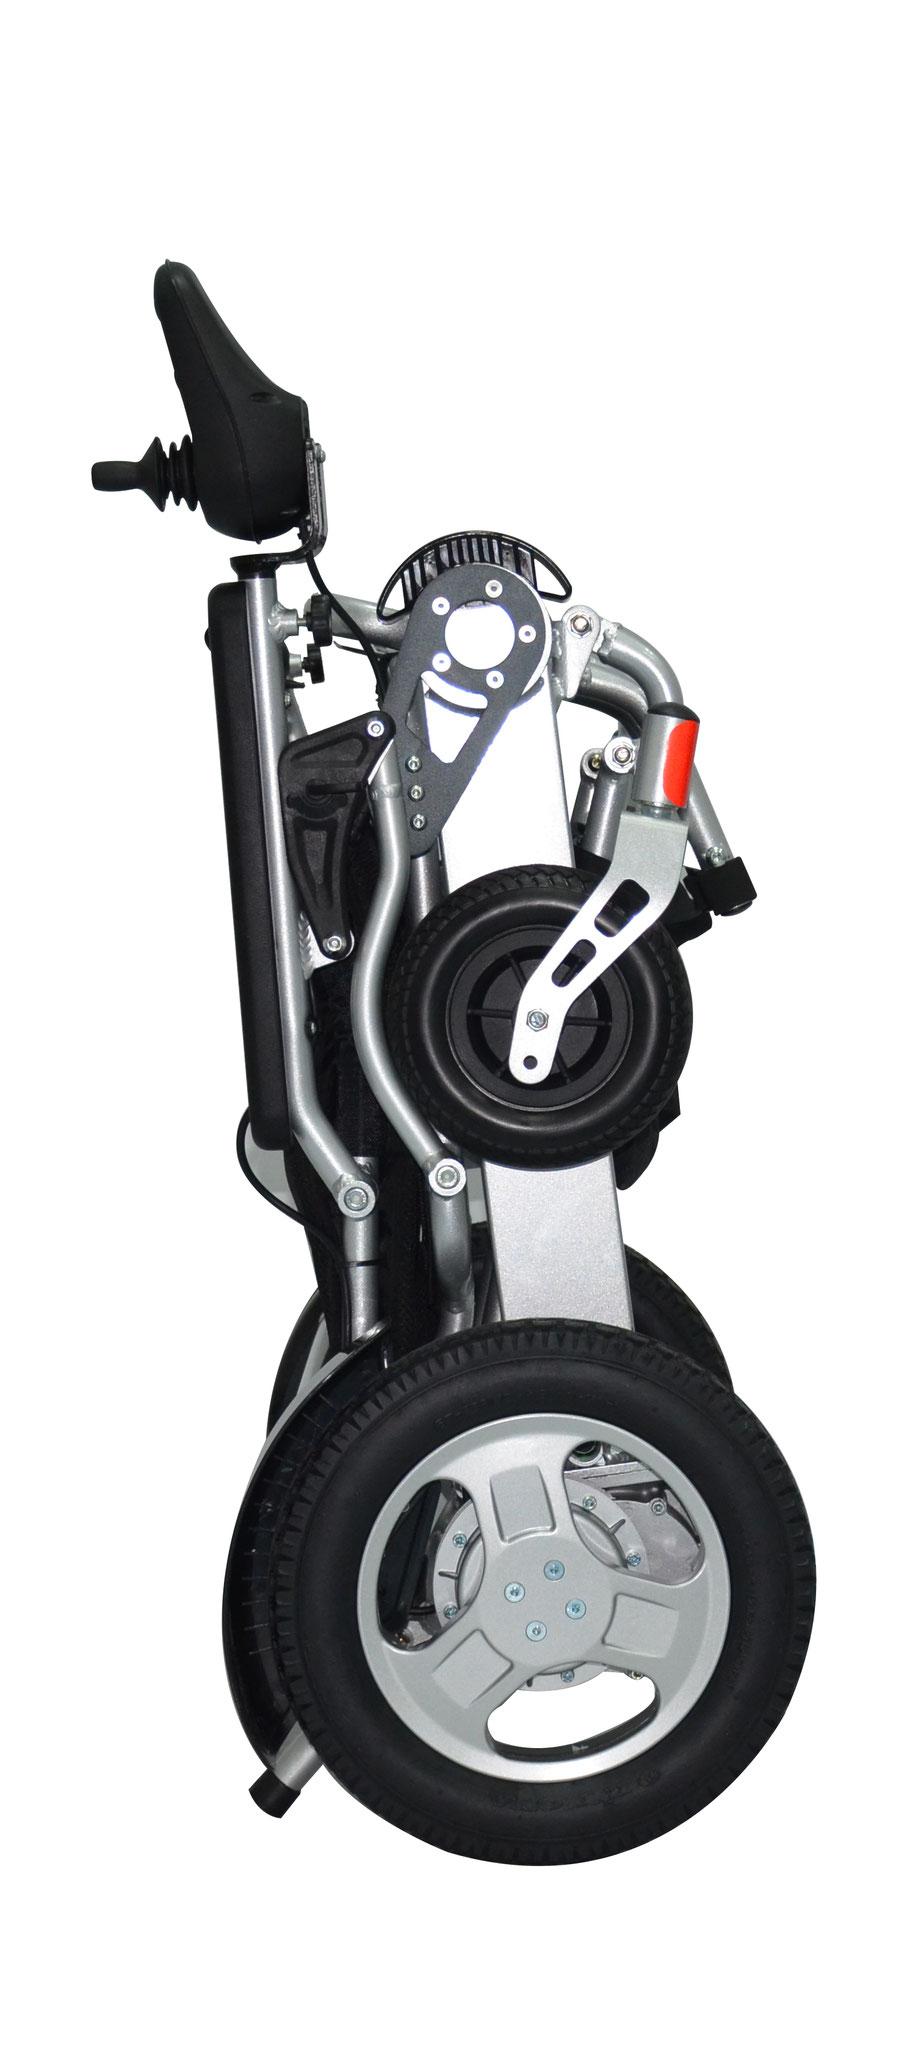 Auch der Rollstuhl ERGOFLIX® L steht im zusammengeklappten Zustand aufrecht. Die Stützstifte verhindern ein Umkippen des Stuhls und erleichtern dadurch den Alltag.